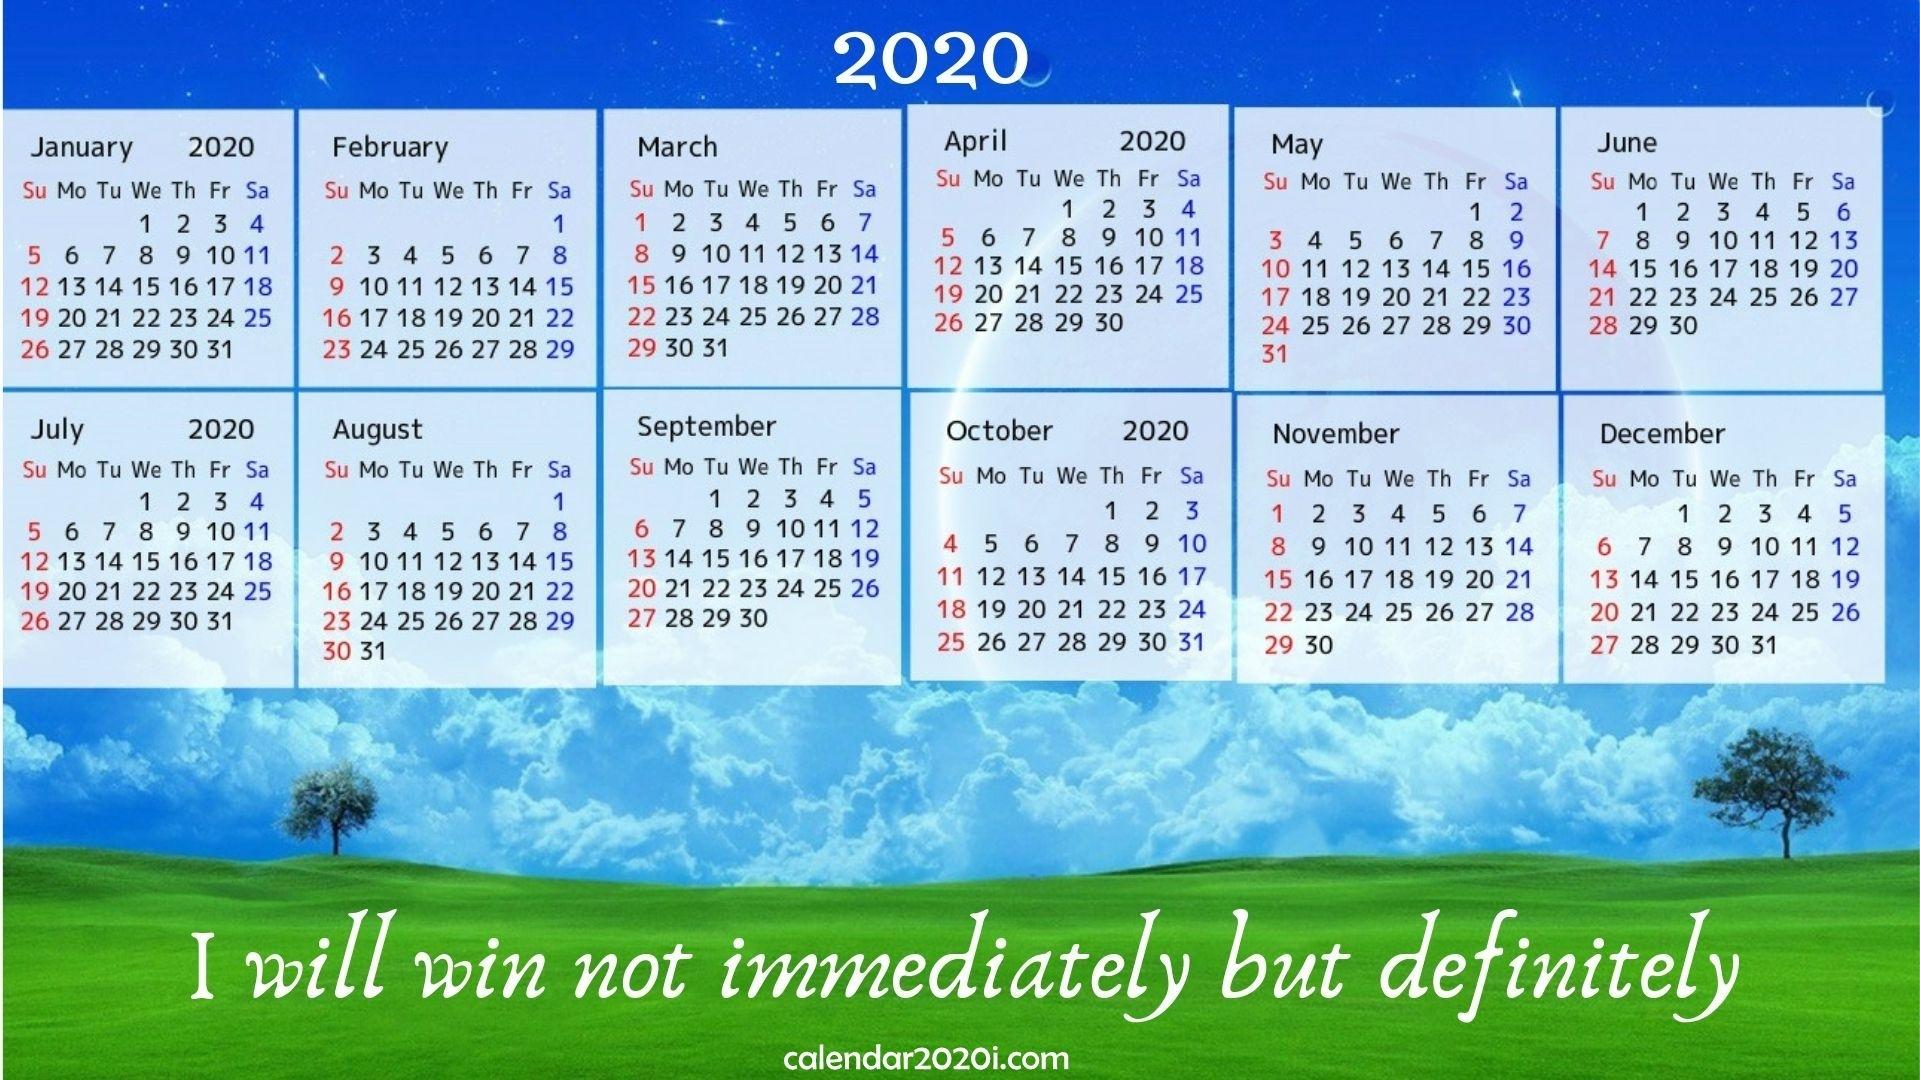 2020 Calendar With Inspirational Quotes, Sayings | Calendar 2020